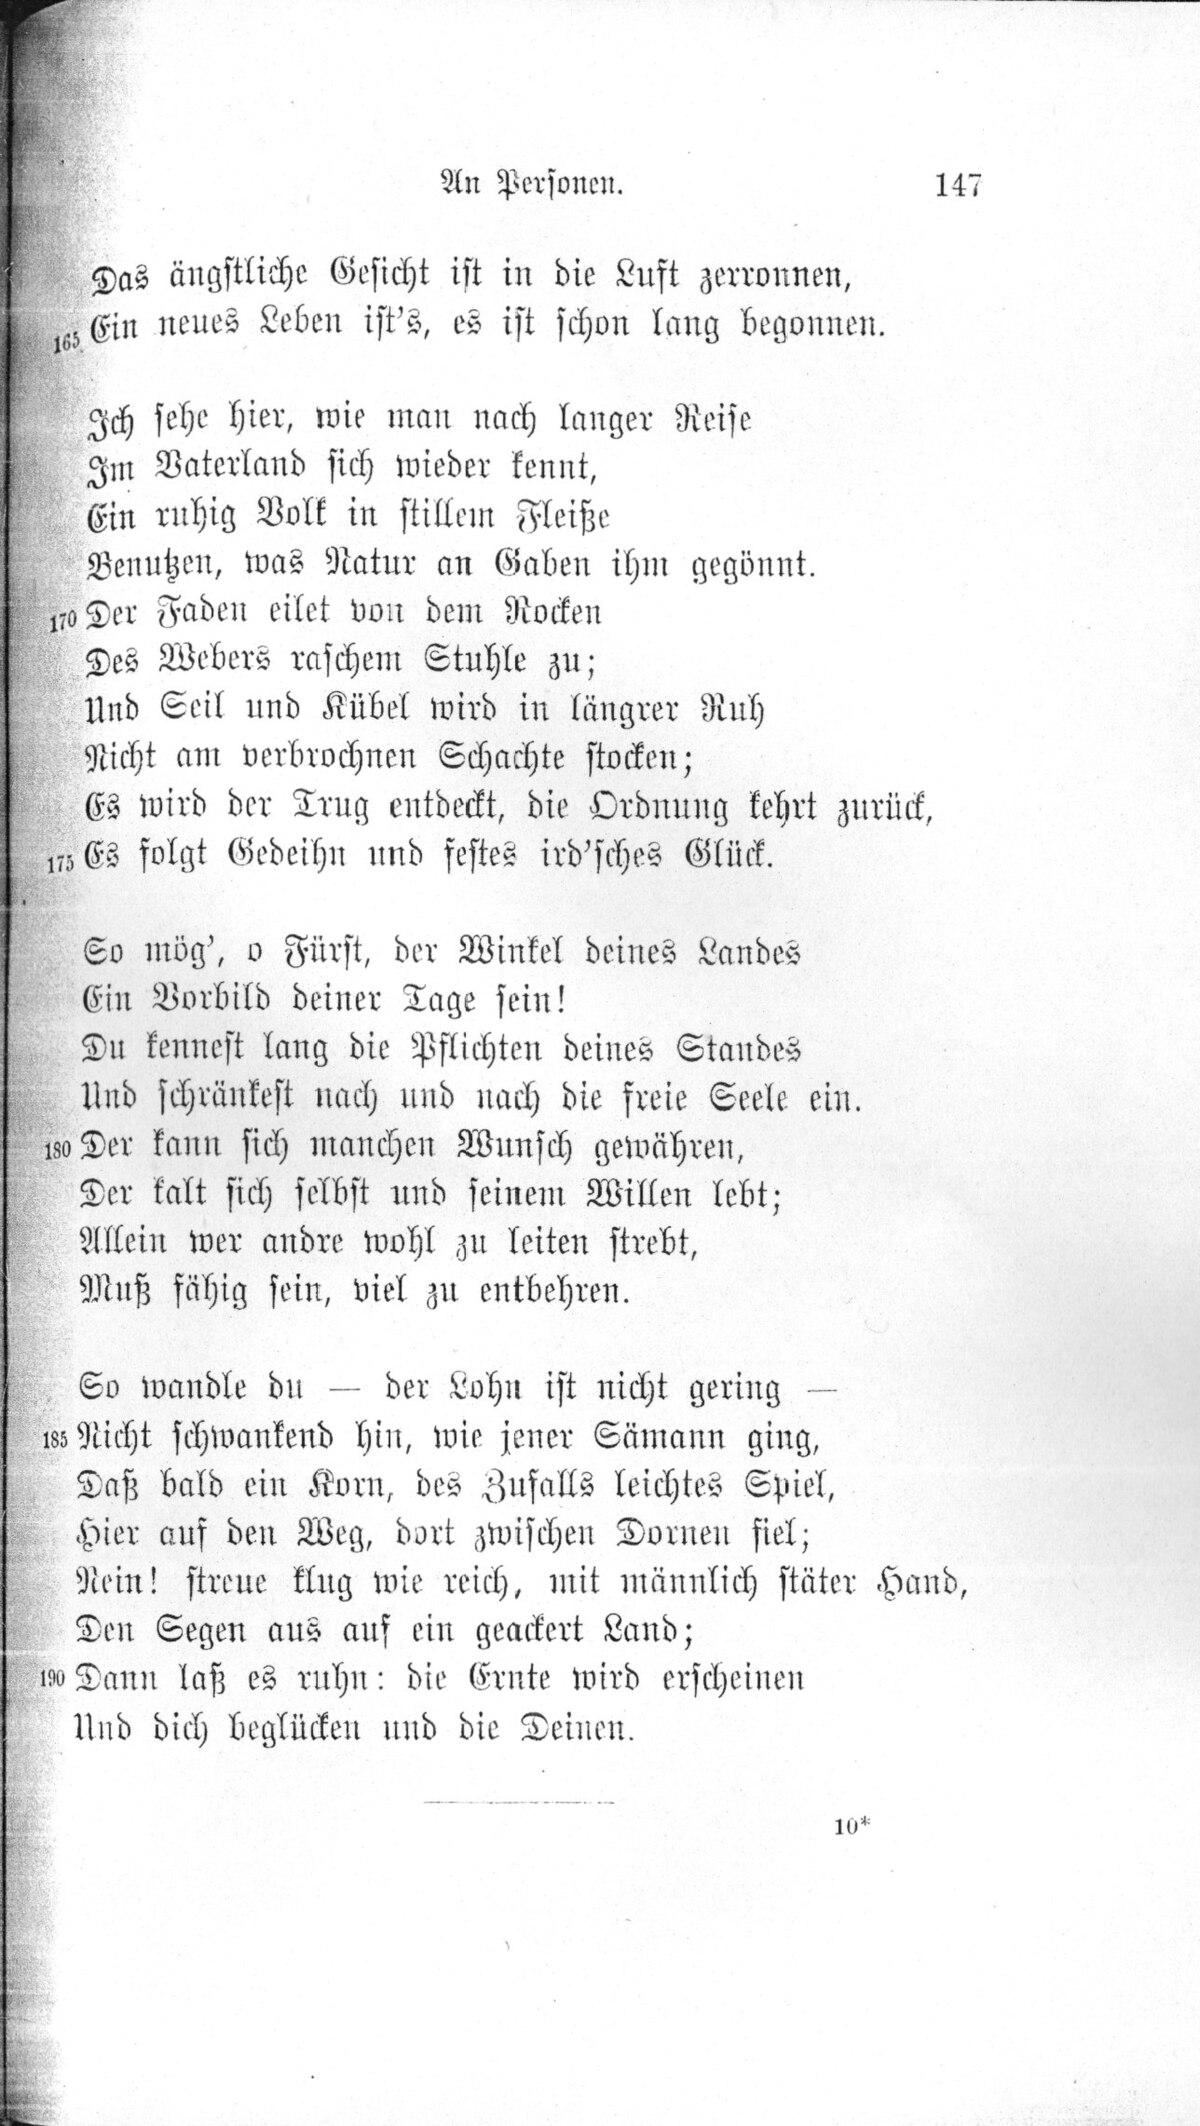 wie reich an leben zu sein forex auf deutsch